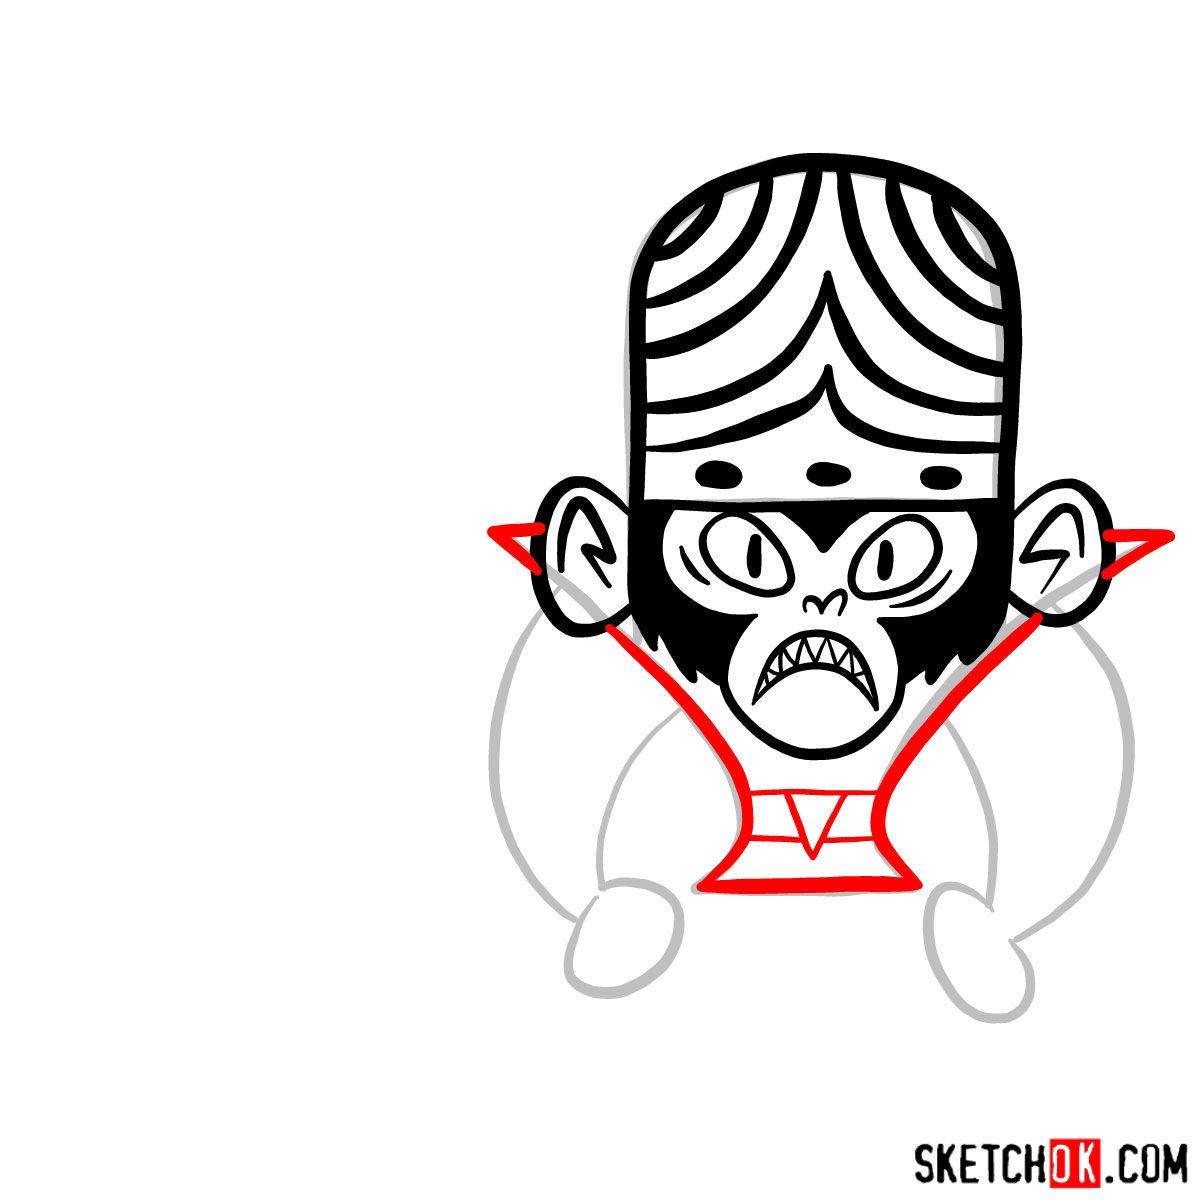 How to draw Mojo Jojo from Powerpuff Girls - step 06